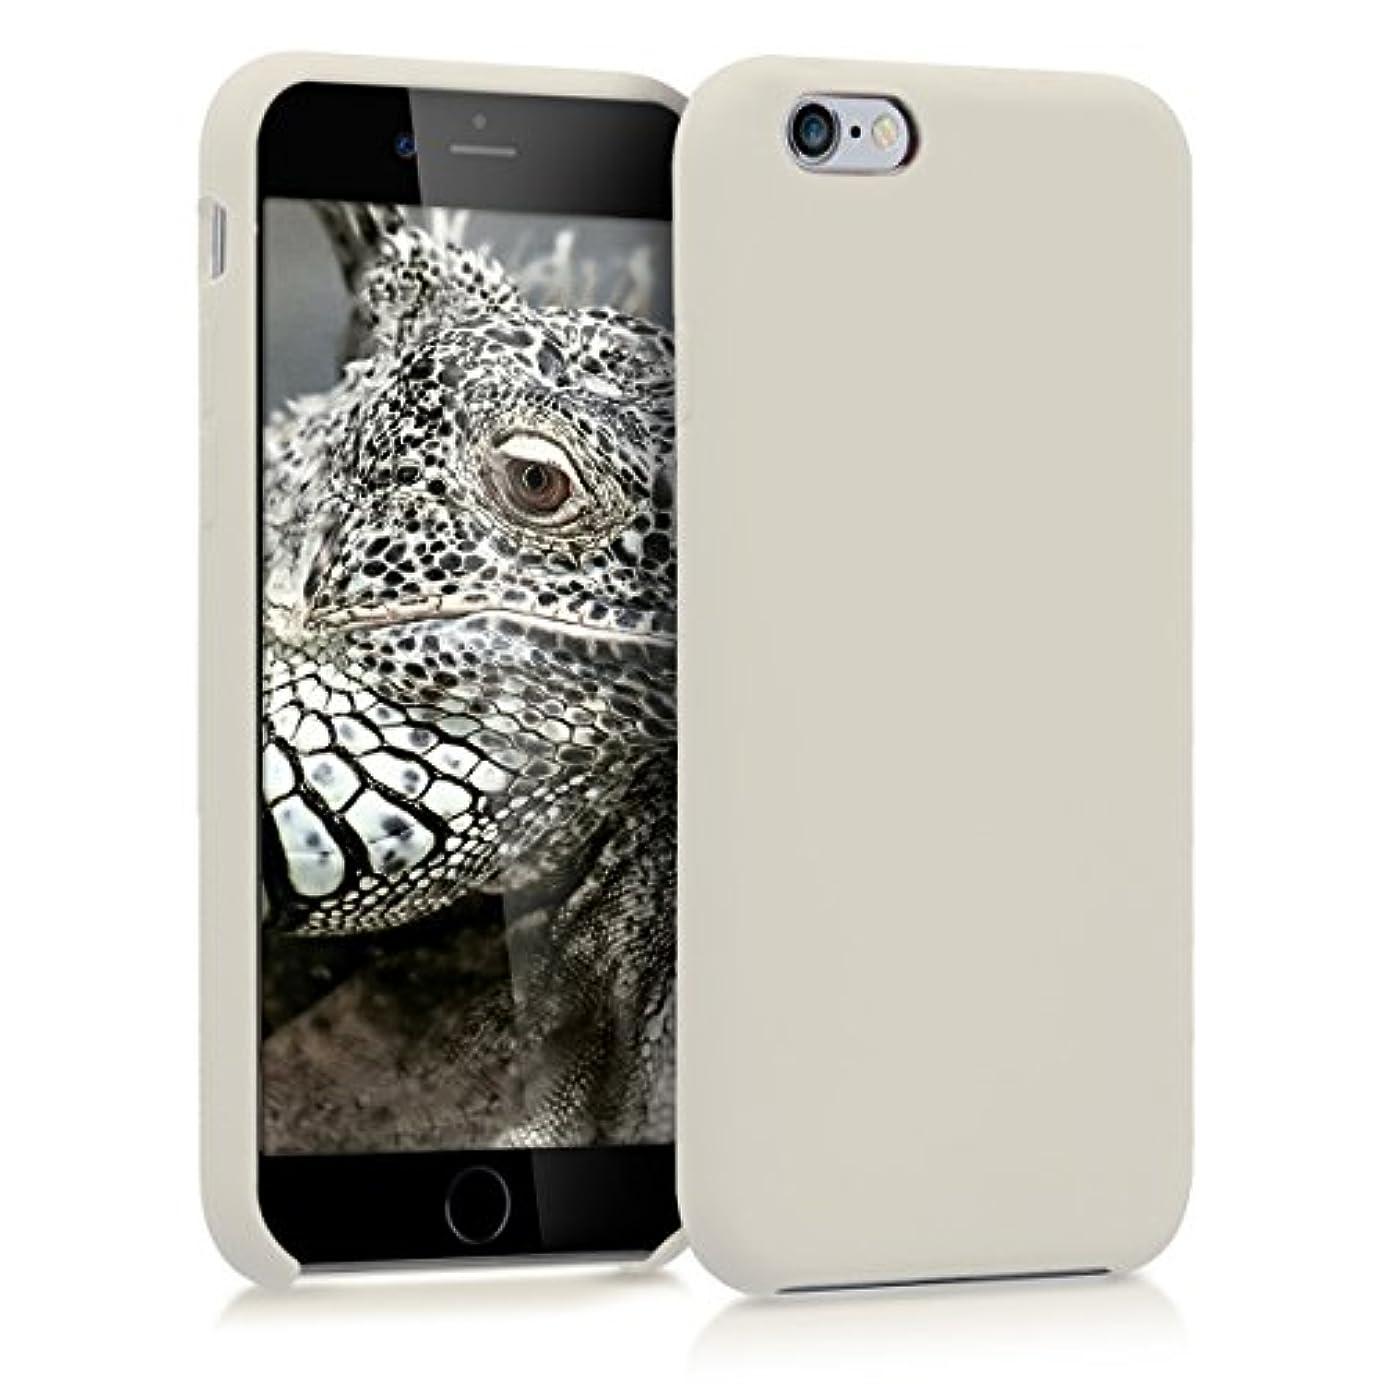 ローン小道具スリルkwmobile Apple iPhone 6 / 6S 用 ケース - スマホカバー - 携帯 保護ケース クリーム アイフォン